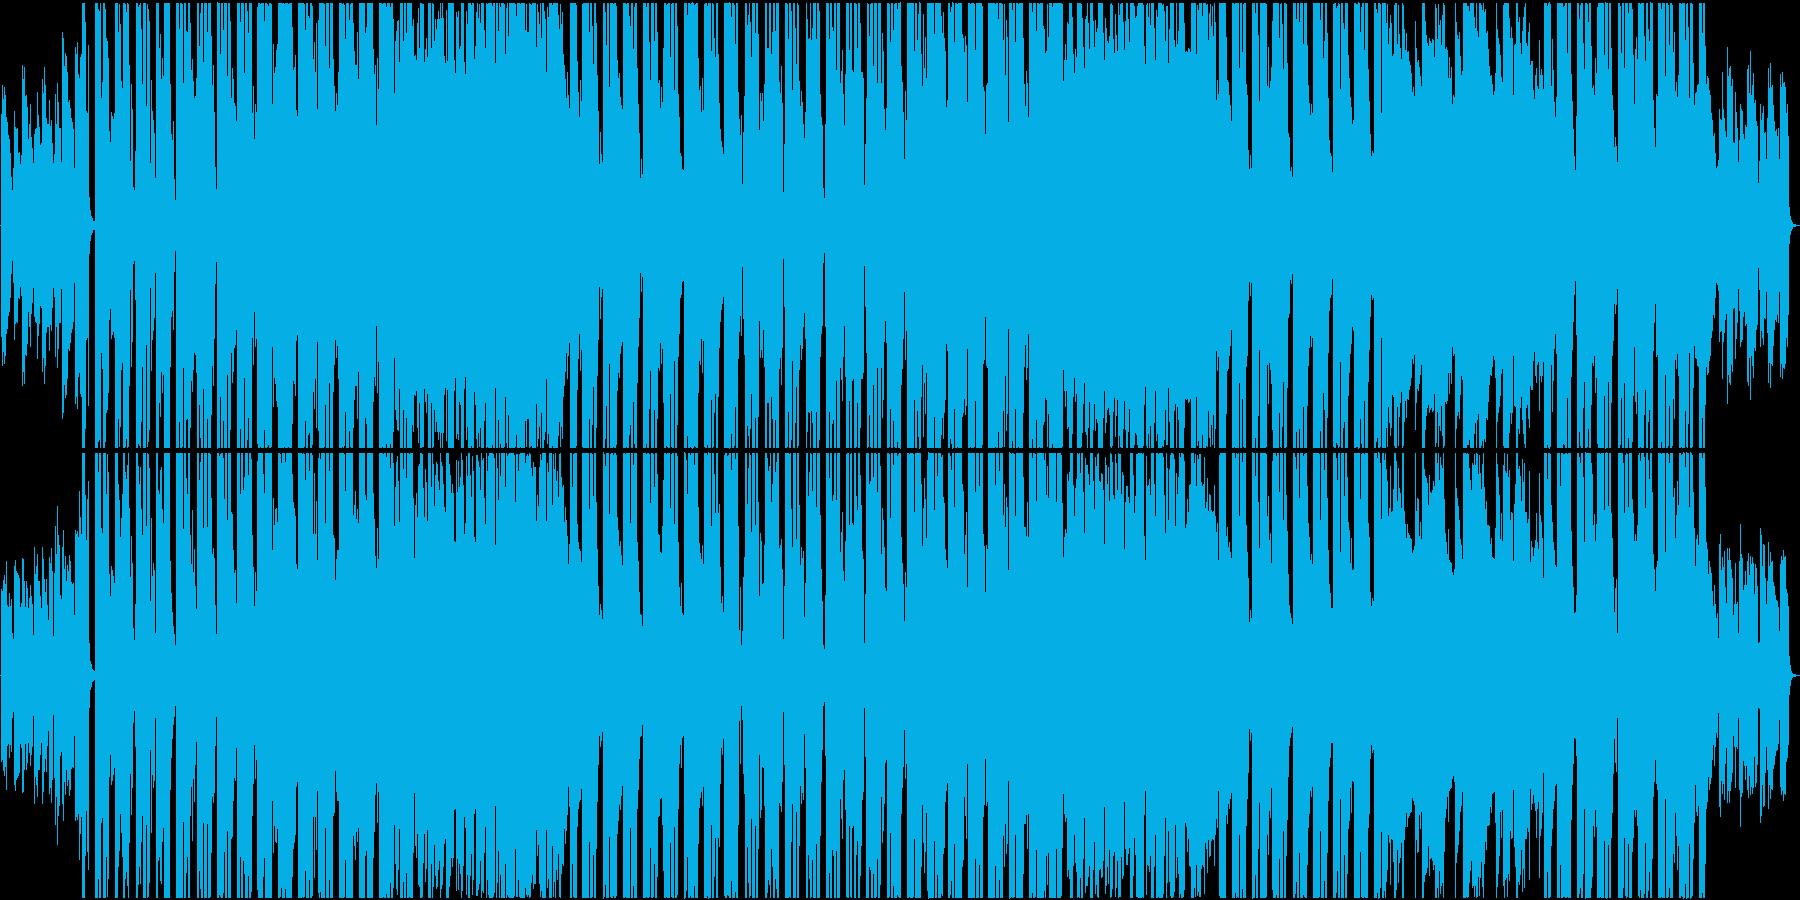 フューチャーポップ.オリエンタル風の再生済みの波形